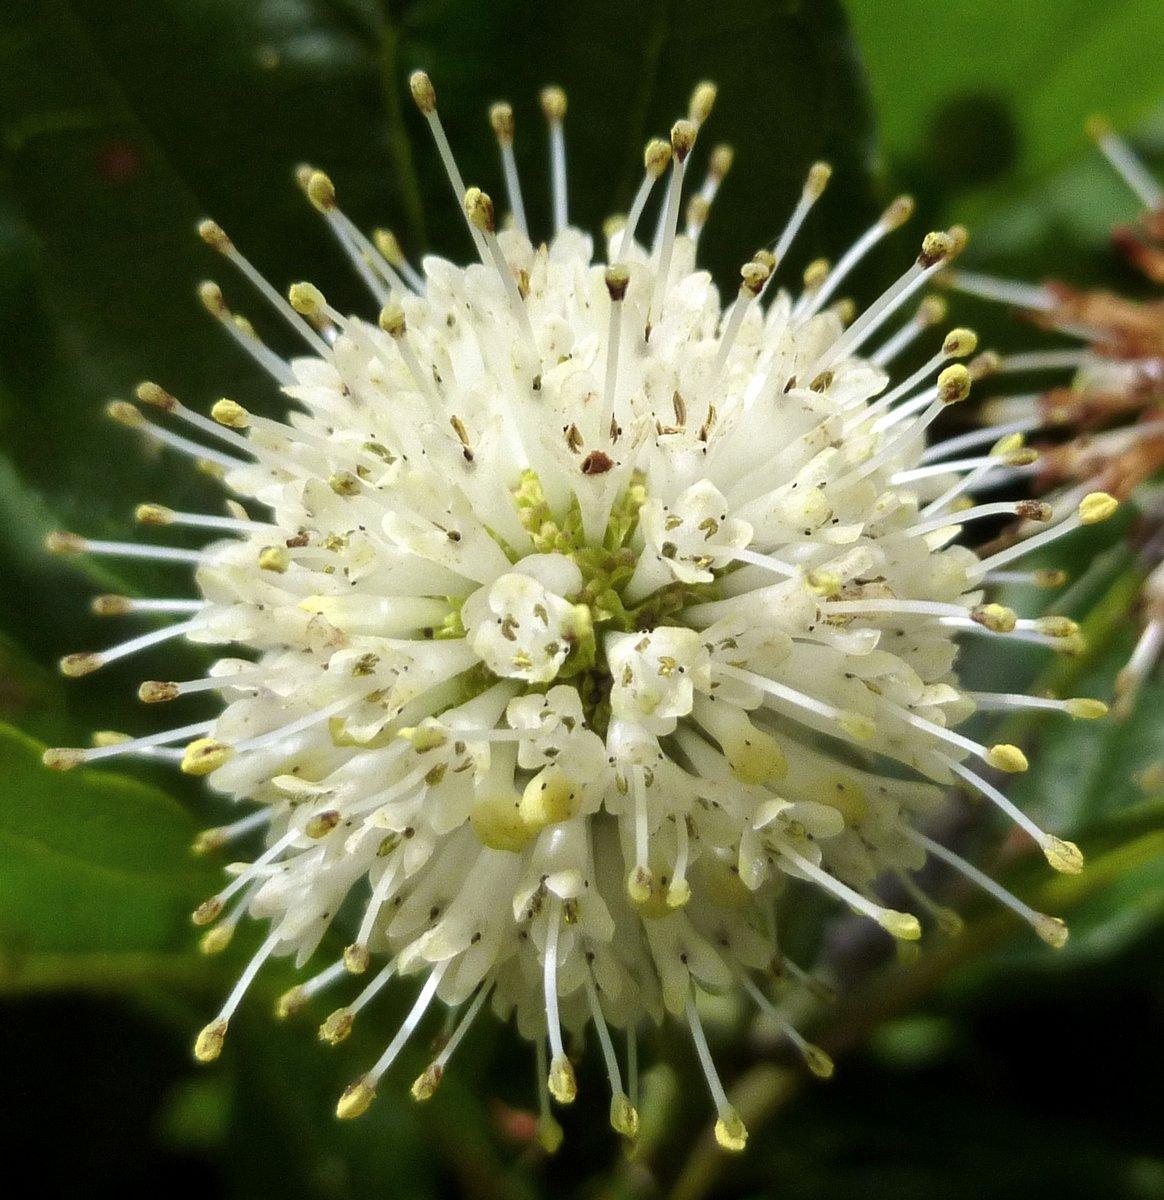 10. Buttonbush Flower 2